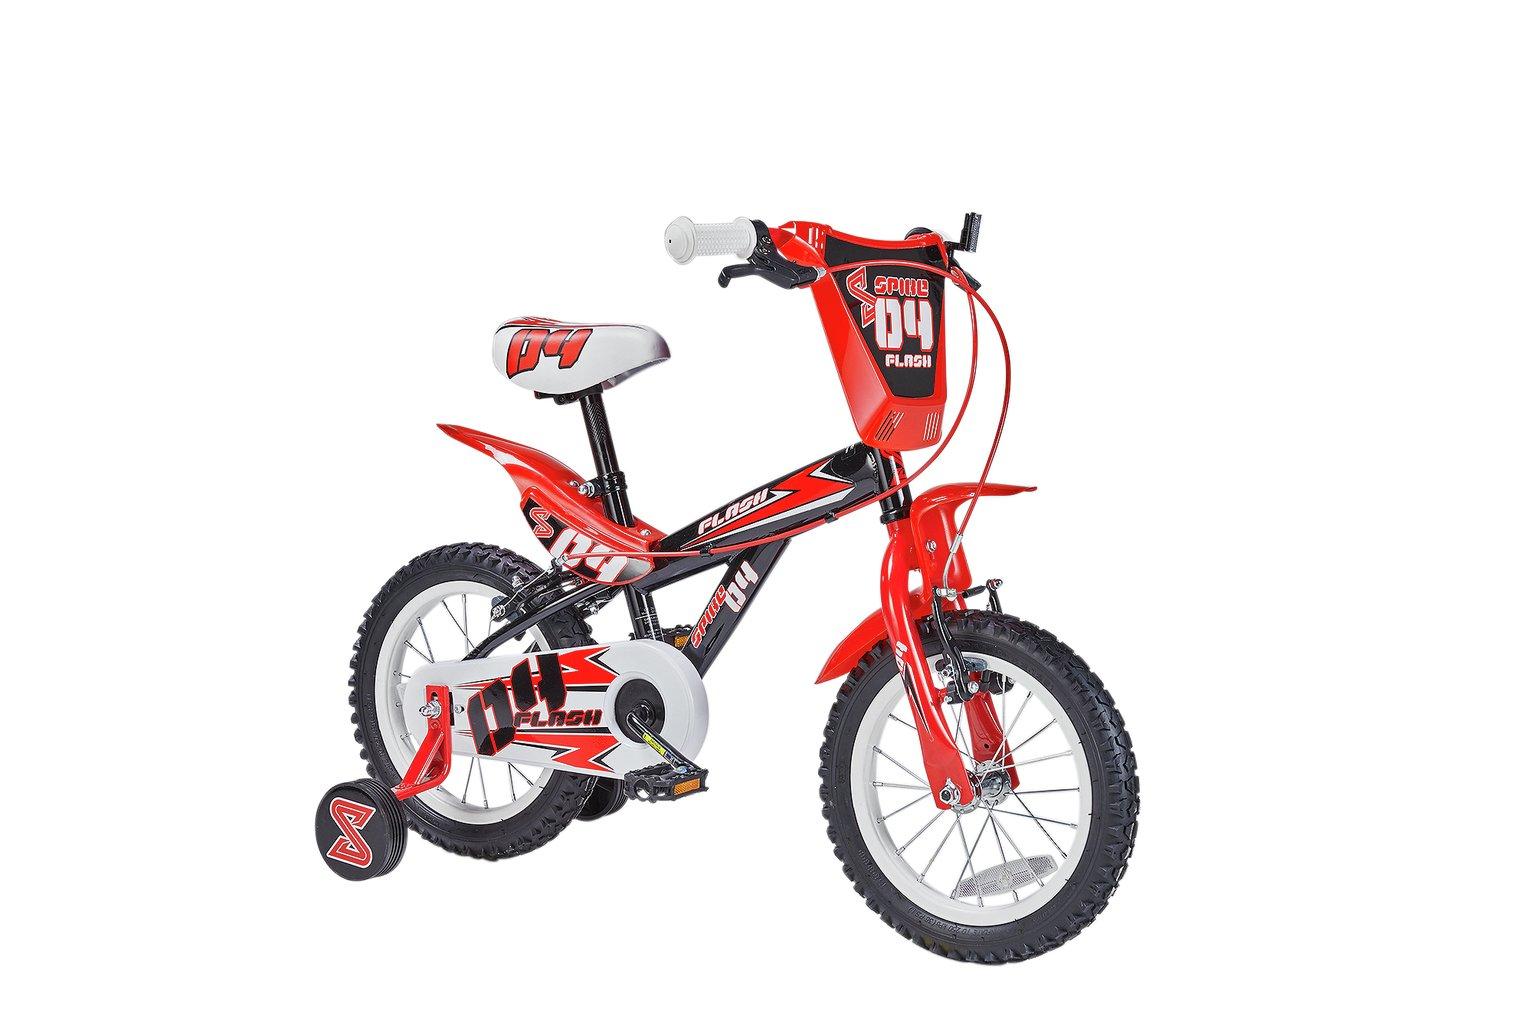 Spike 14 Inch Kids Bike